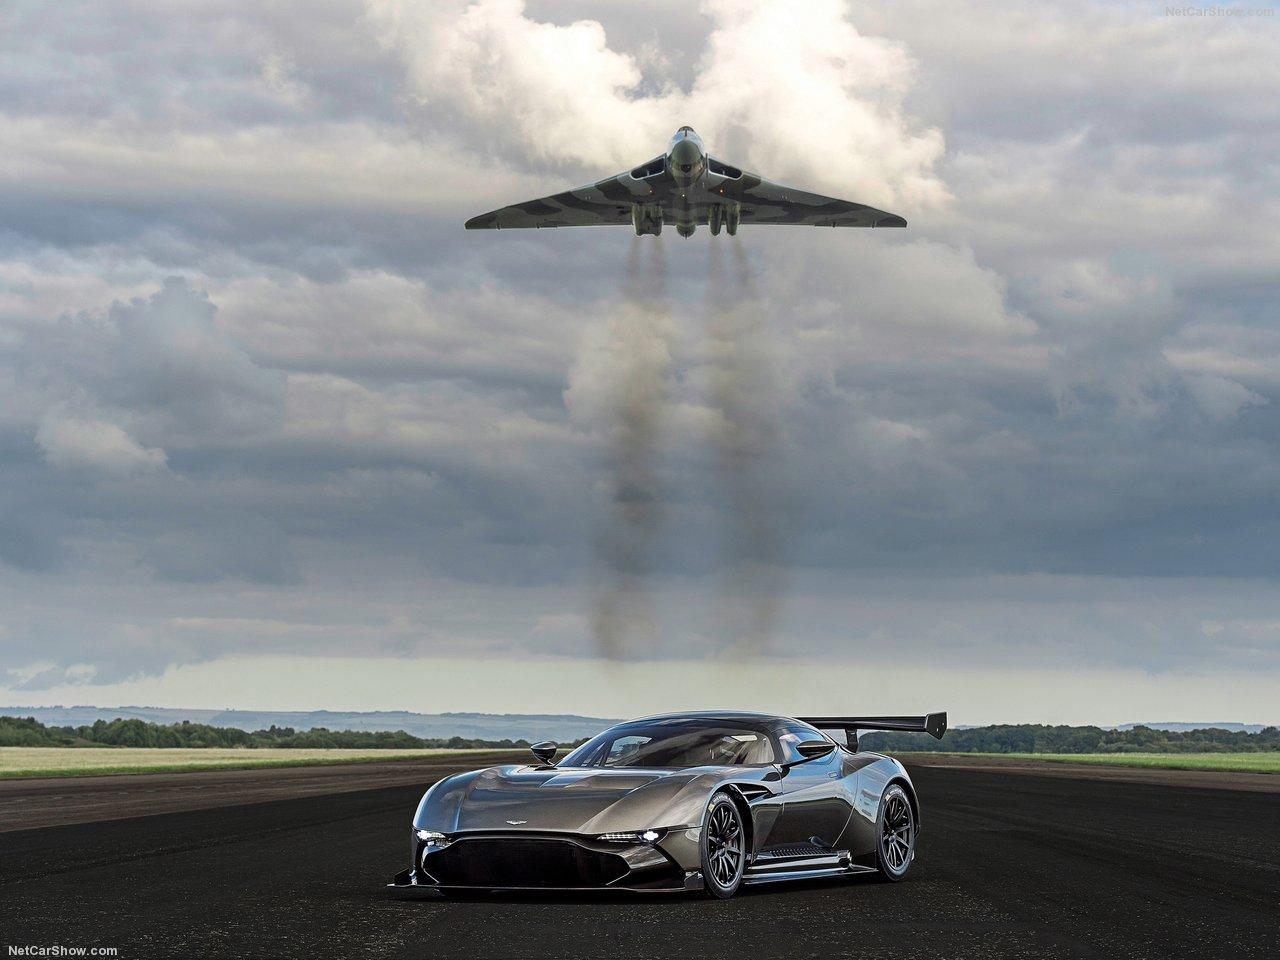 Aston_Martin-Vulcan_2016_1280x960_wallpaper_04